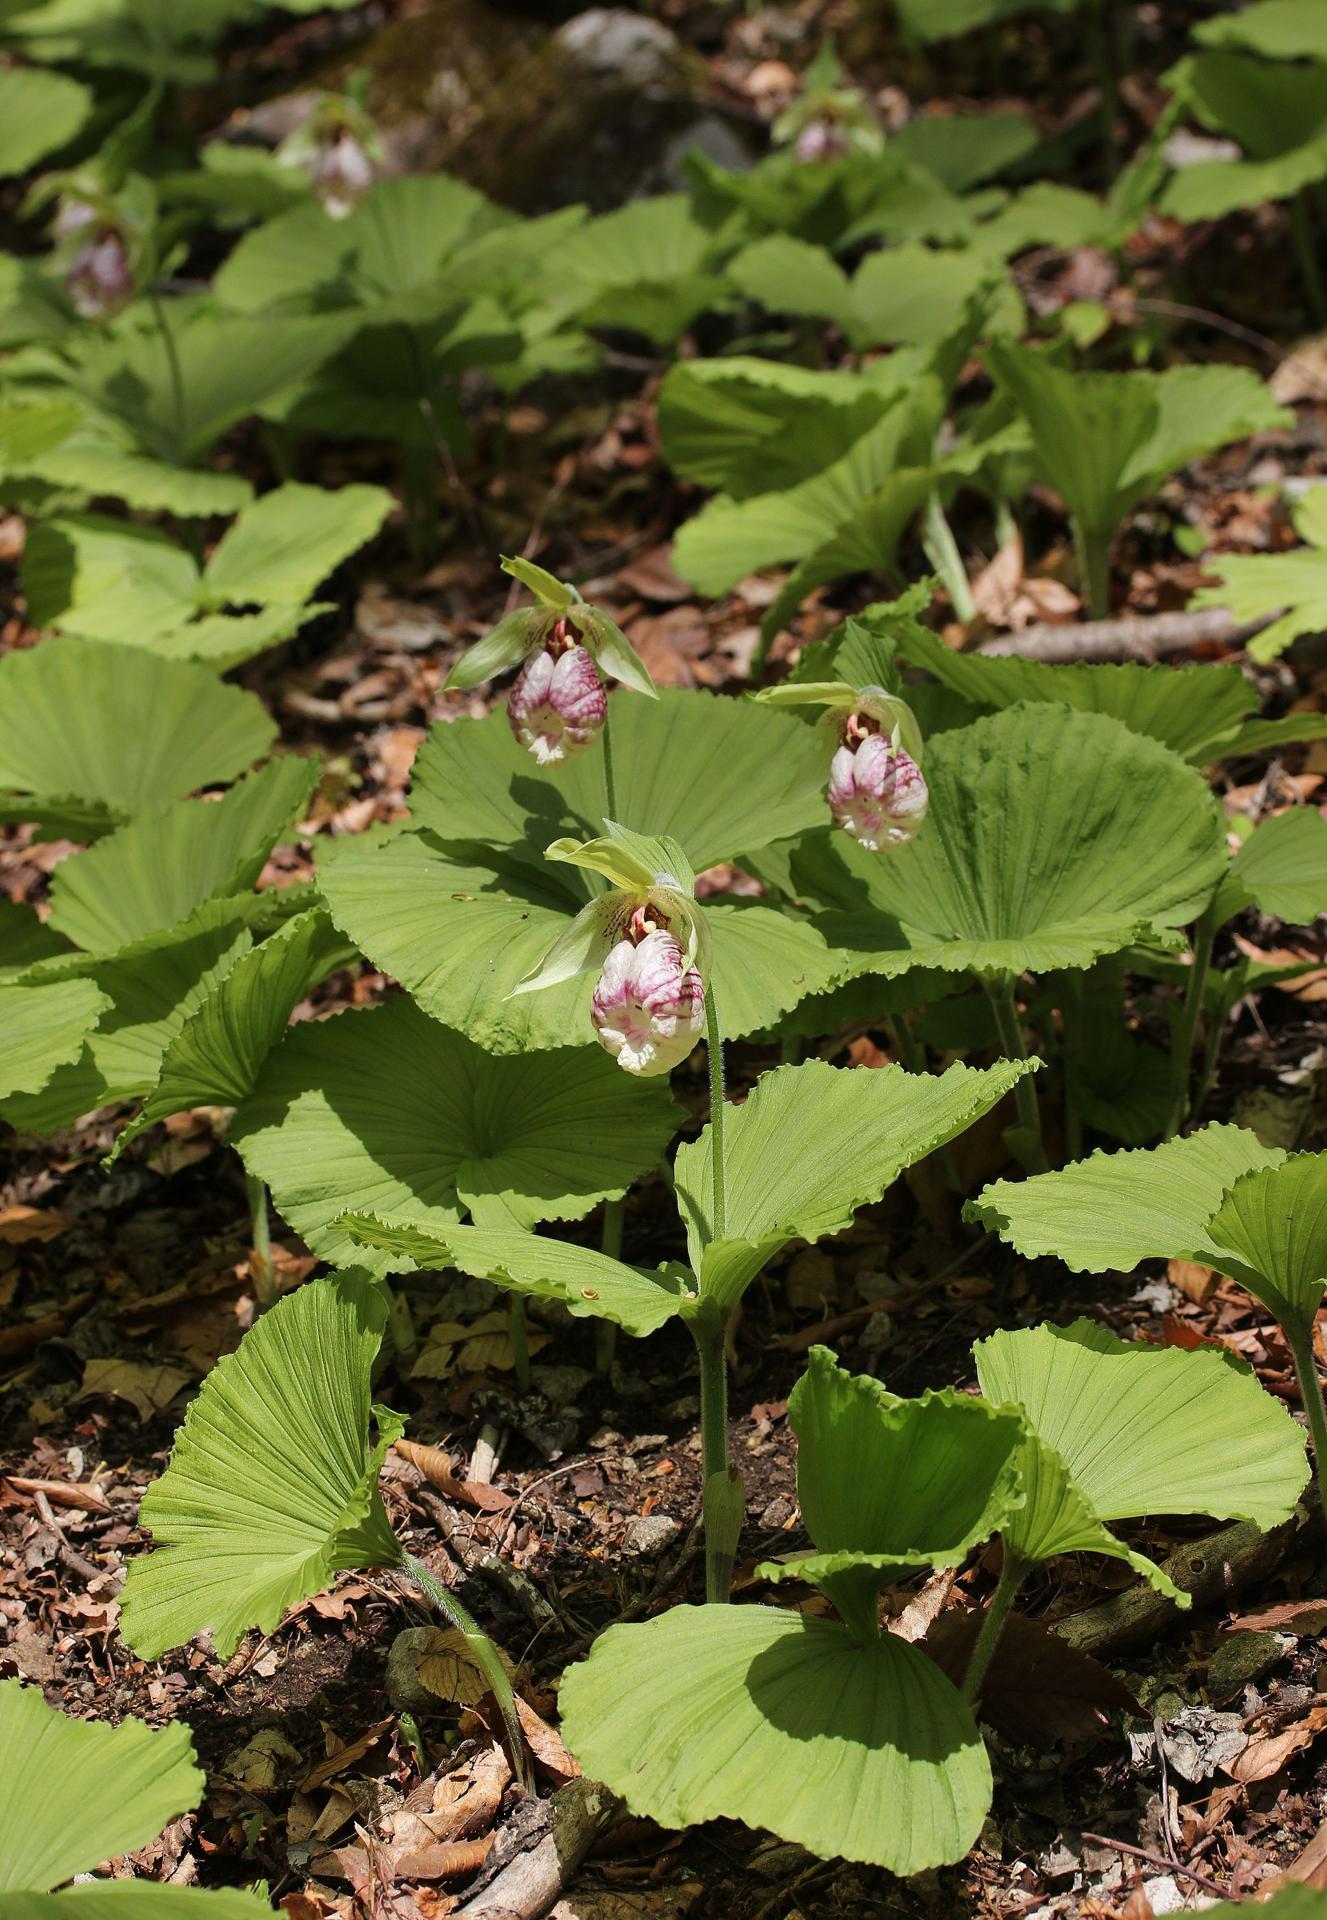 광릉요강꽃, Cypripedium japonicum